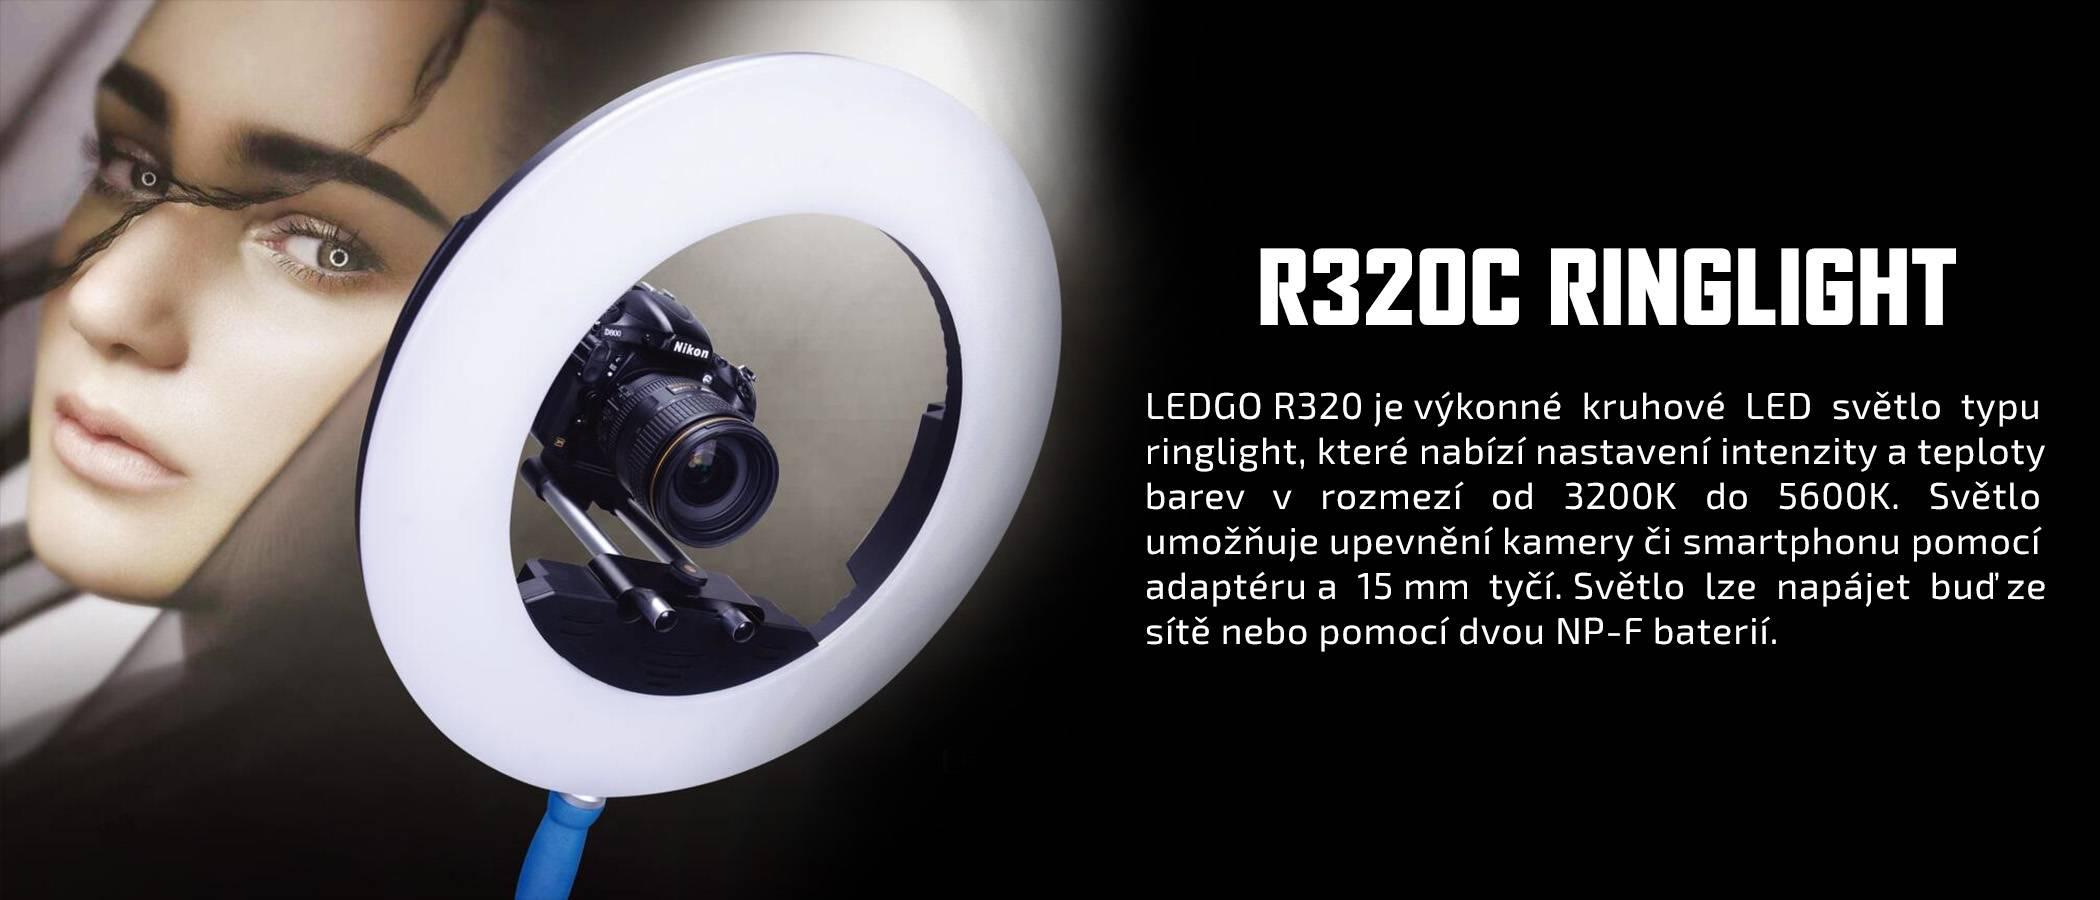 film-technika-ledgo-ringlight-R320c